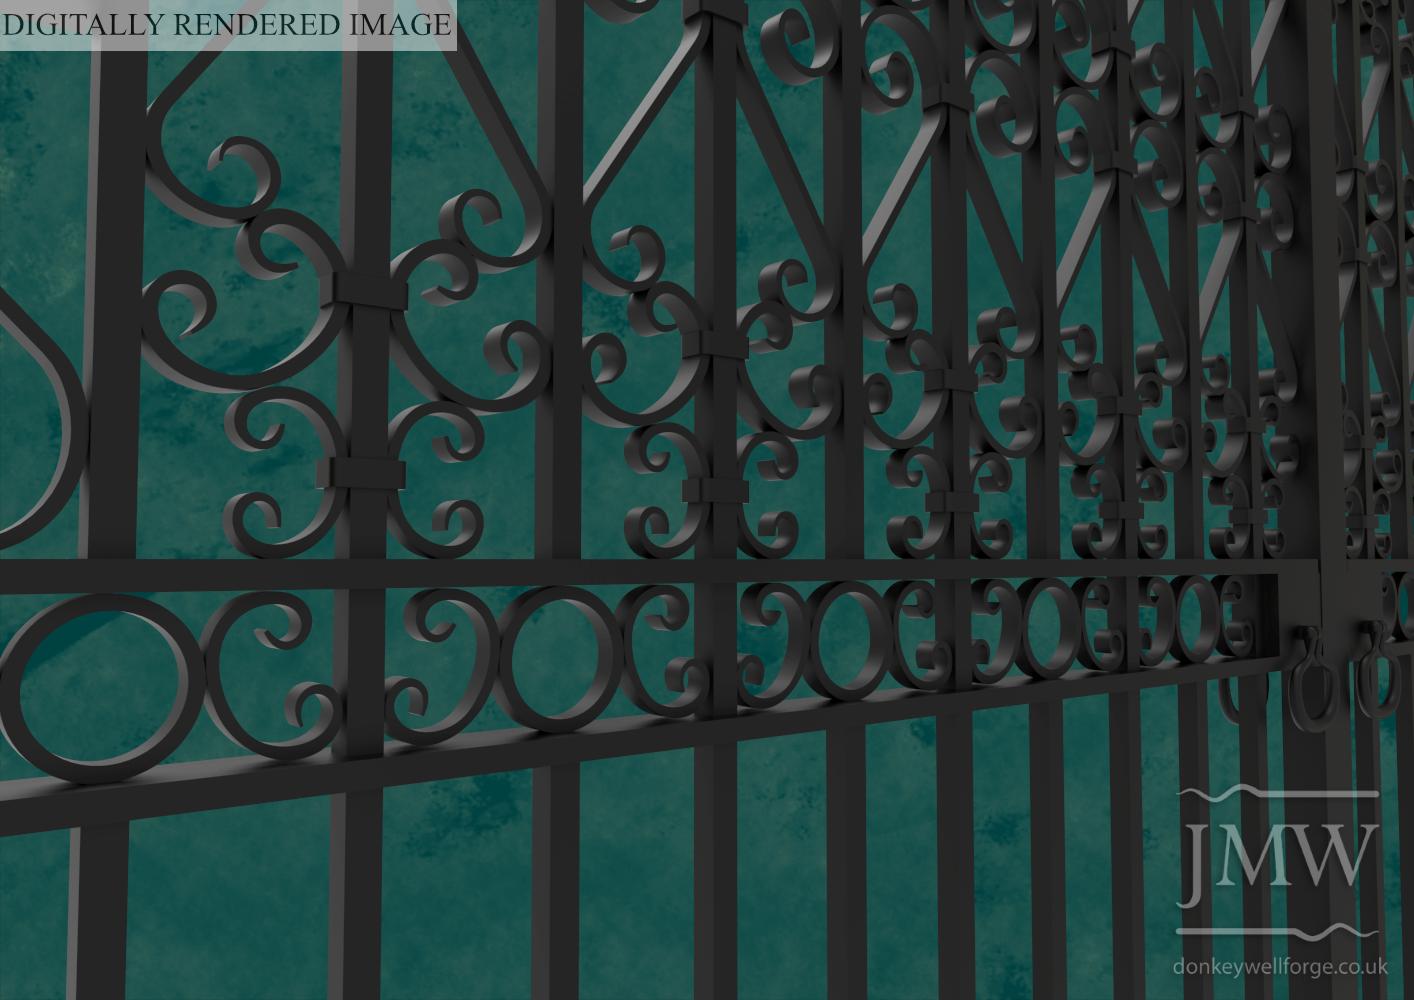 digital-image-estate-gates-ornate-scrollwork-detail